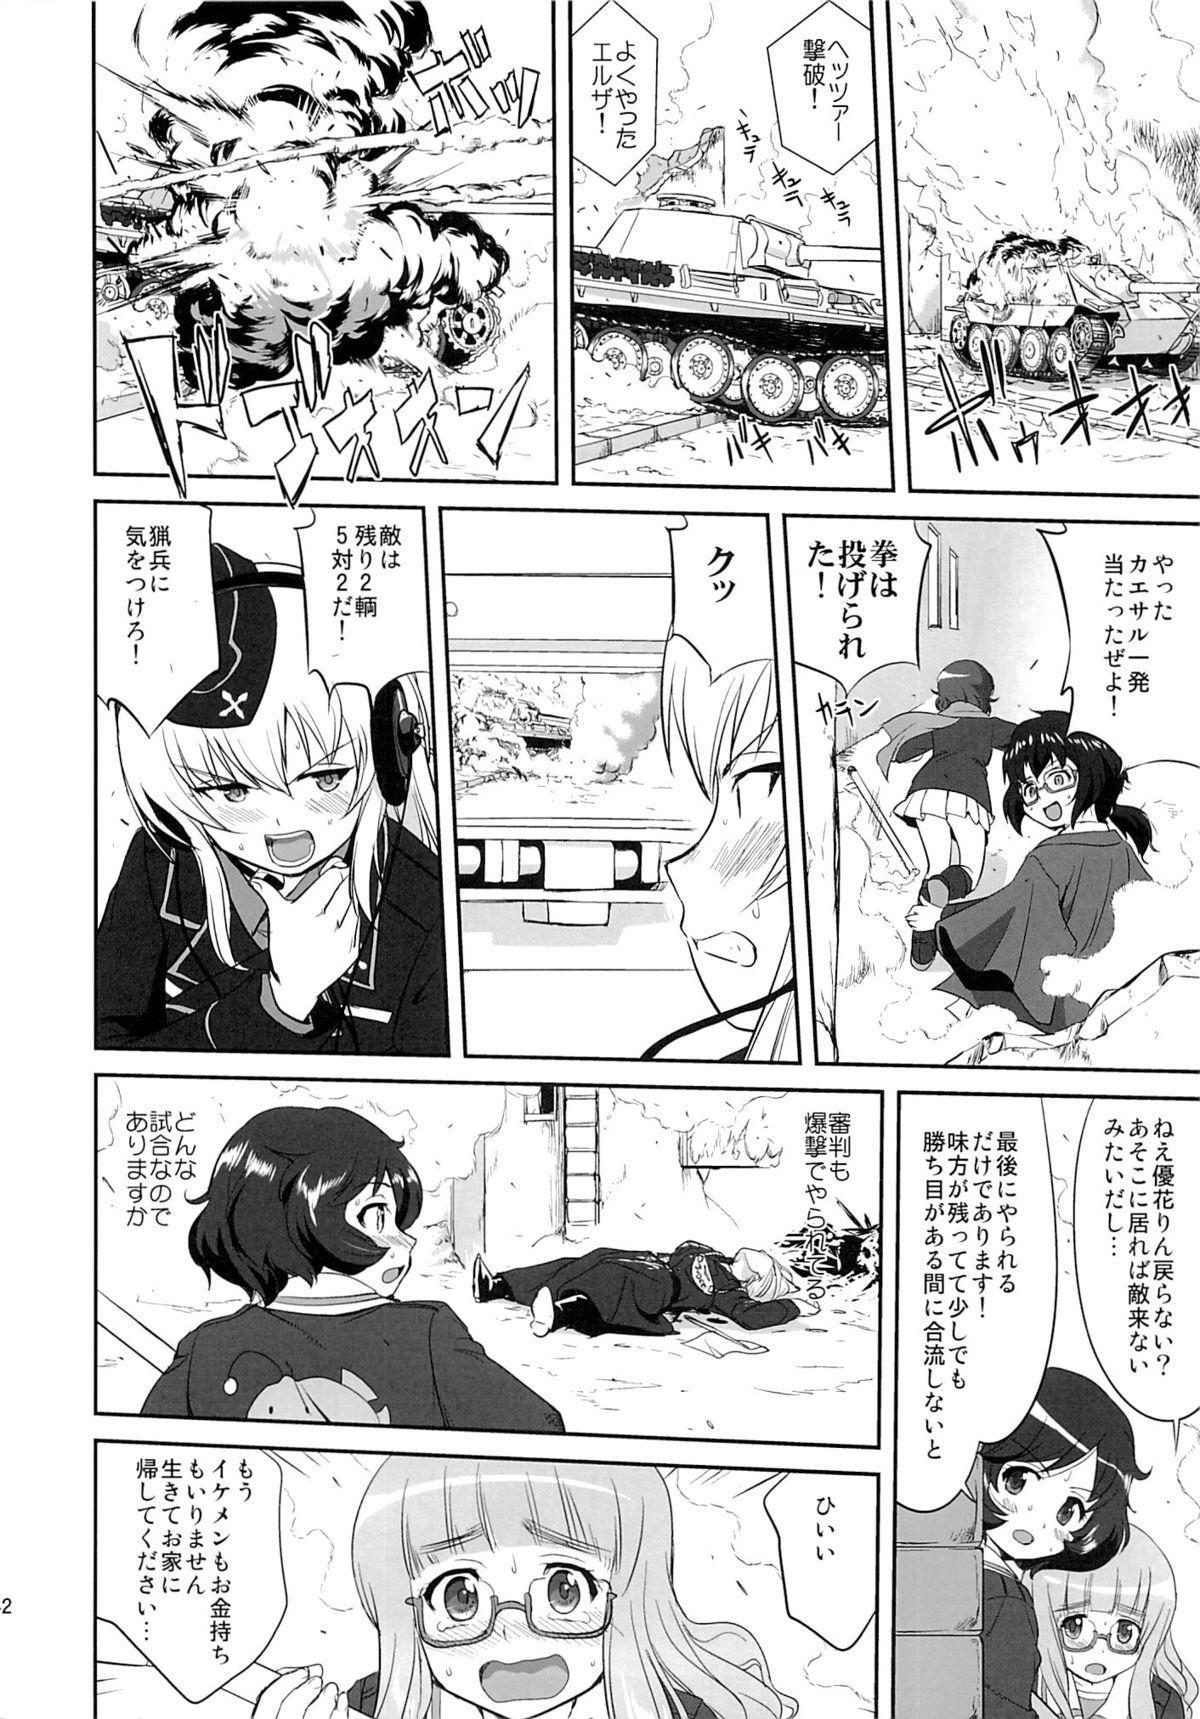 Yukiyukite Senshadou Kuromorimine no Tatakai 40